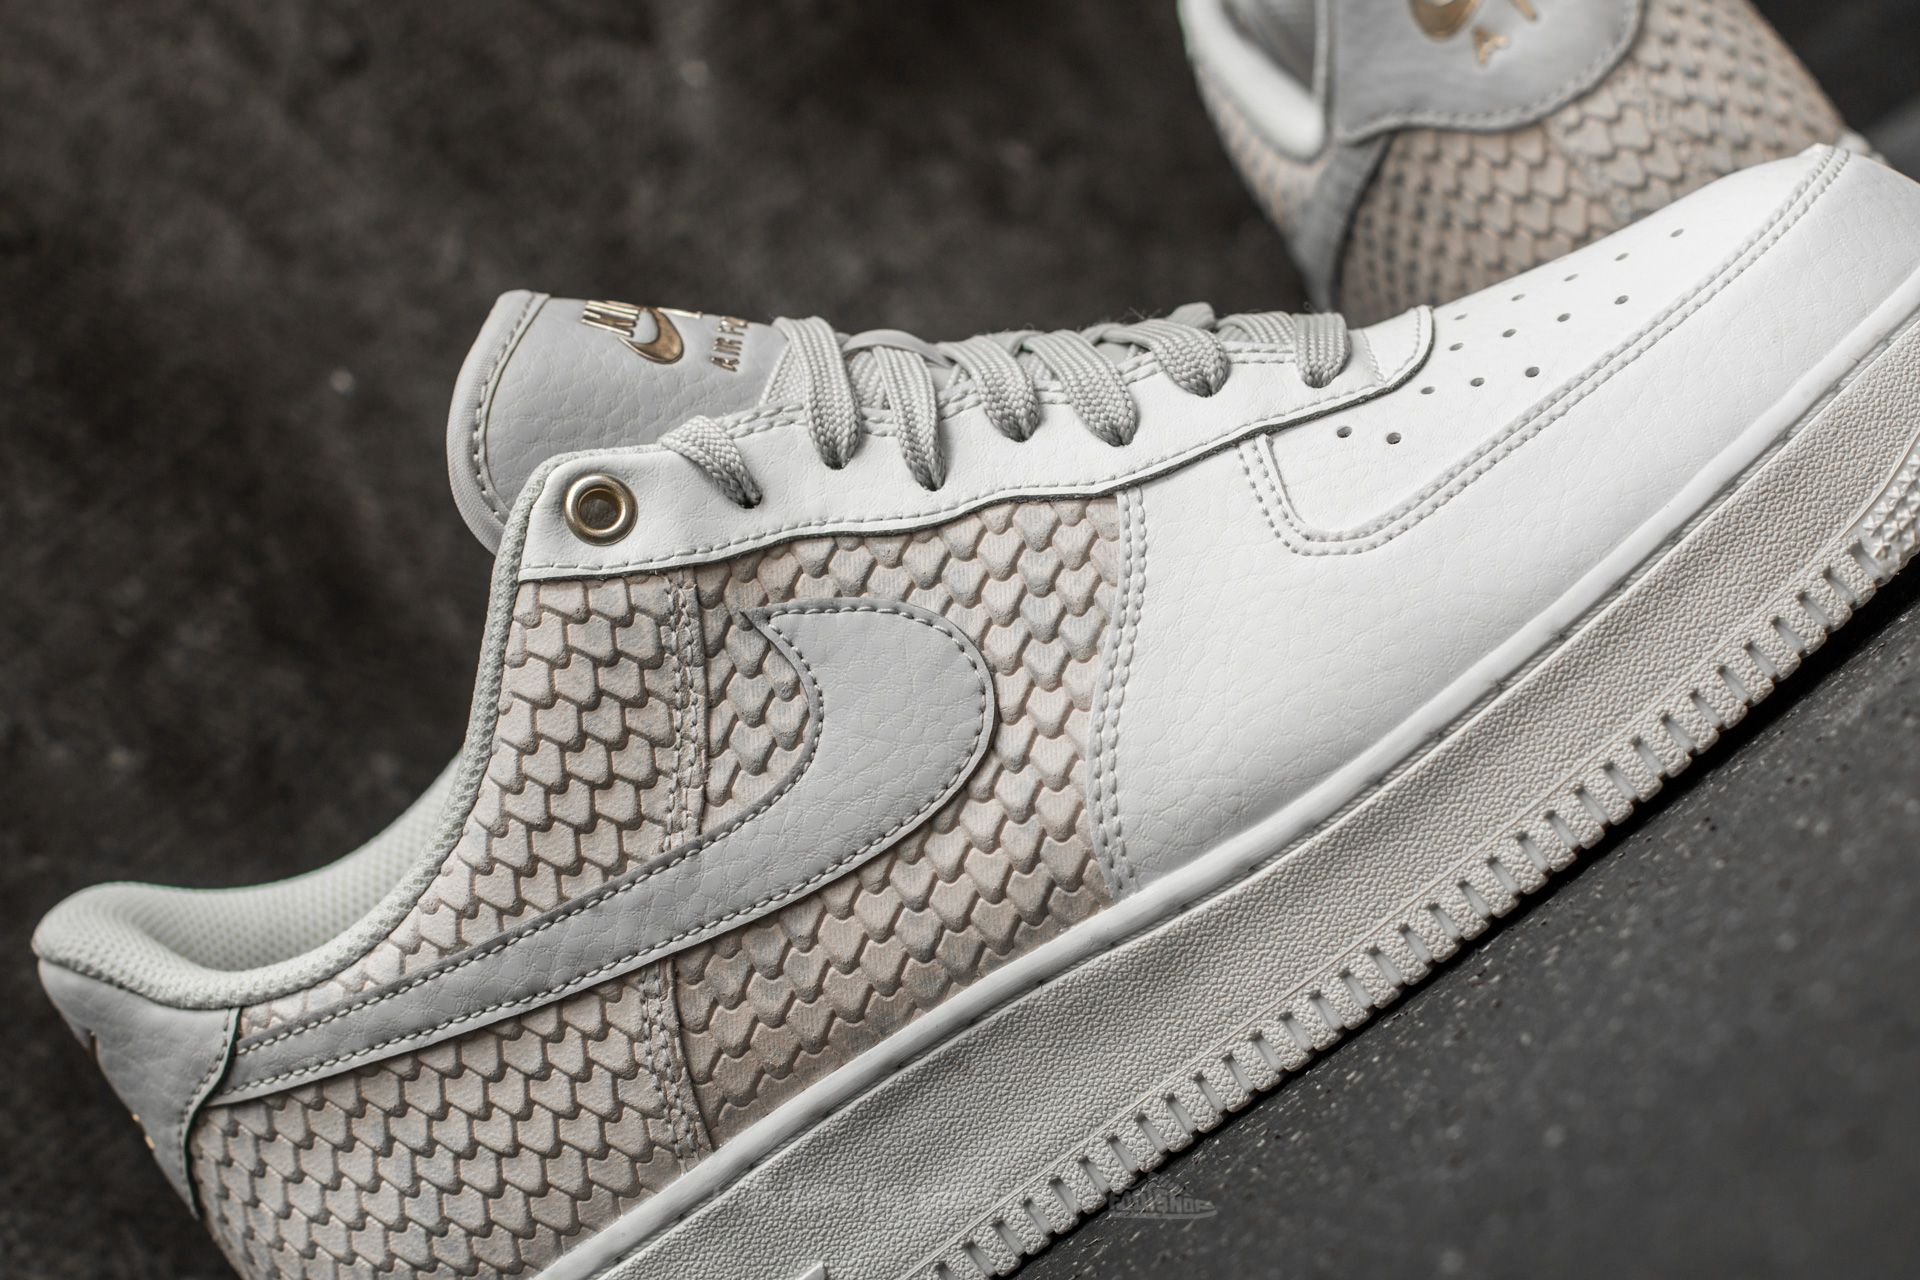 Nike Air Force 1 07 LV8 Sail Gold | 823511 100